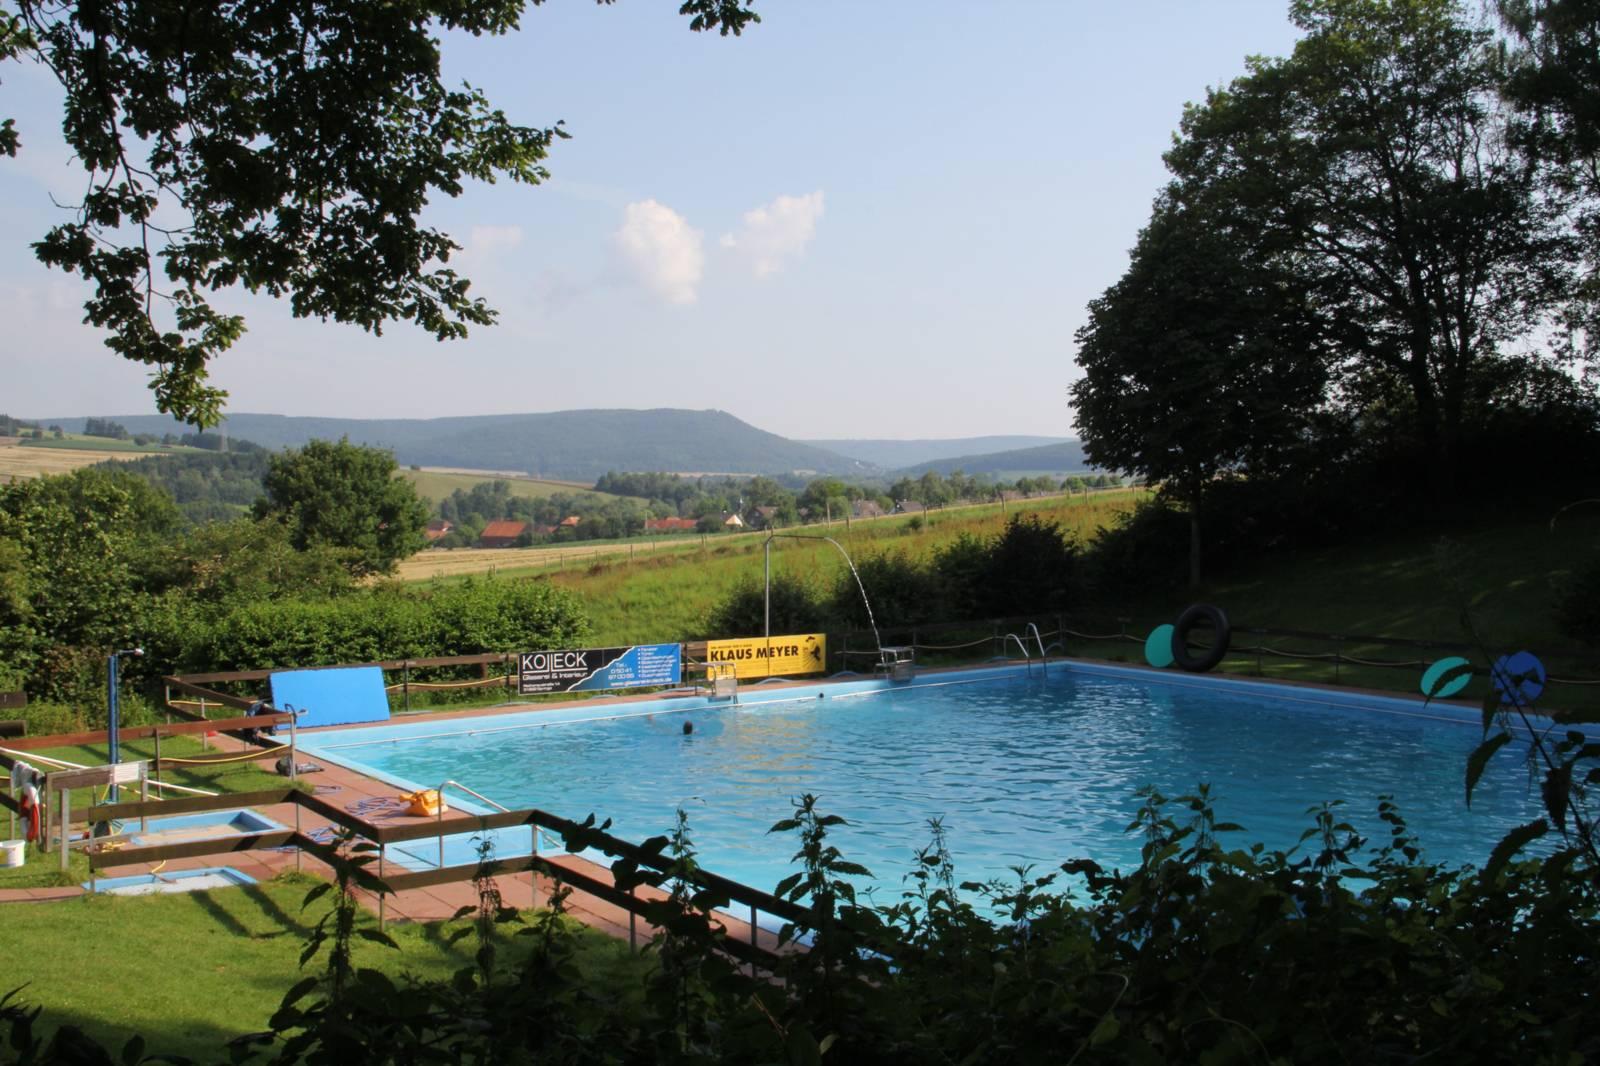 Blick über ein Schwimmbad, im Hintergrund ein Höhenzug